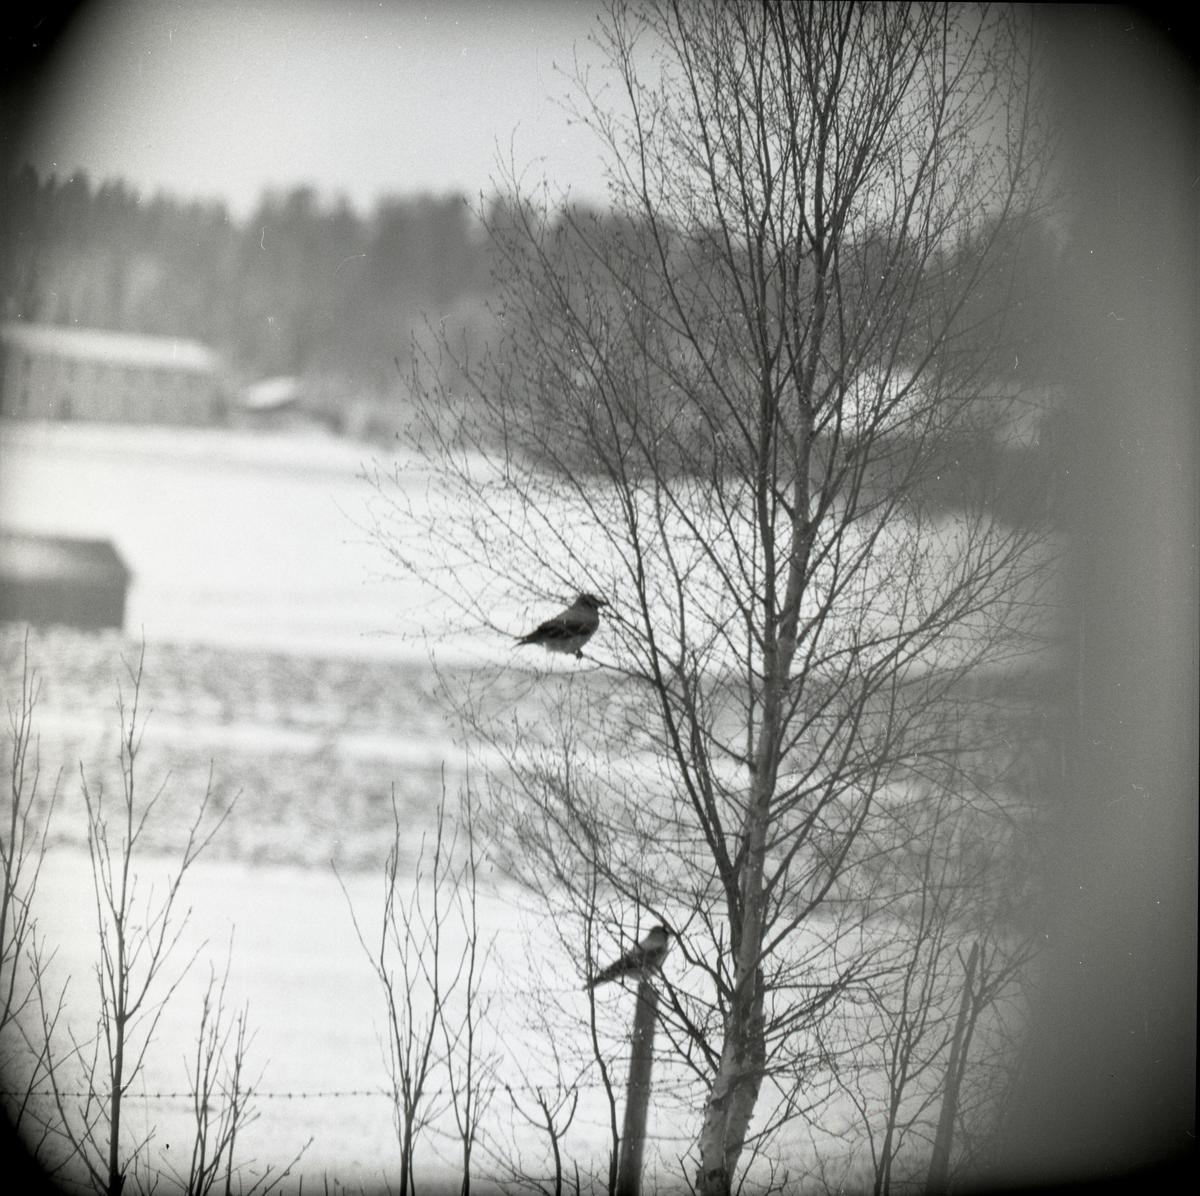 En kråka sitter på en stolpe och en annan sitter i en björk den 25 april 1960.